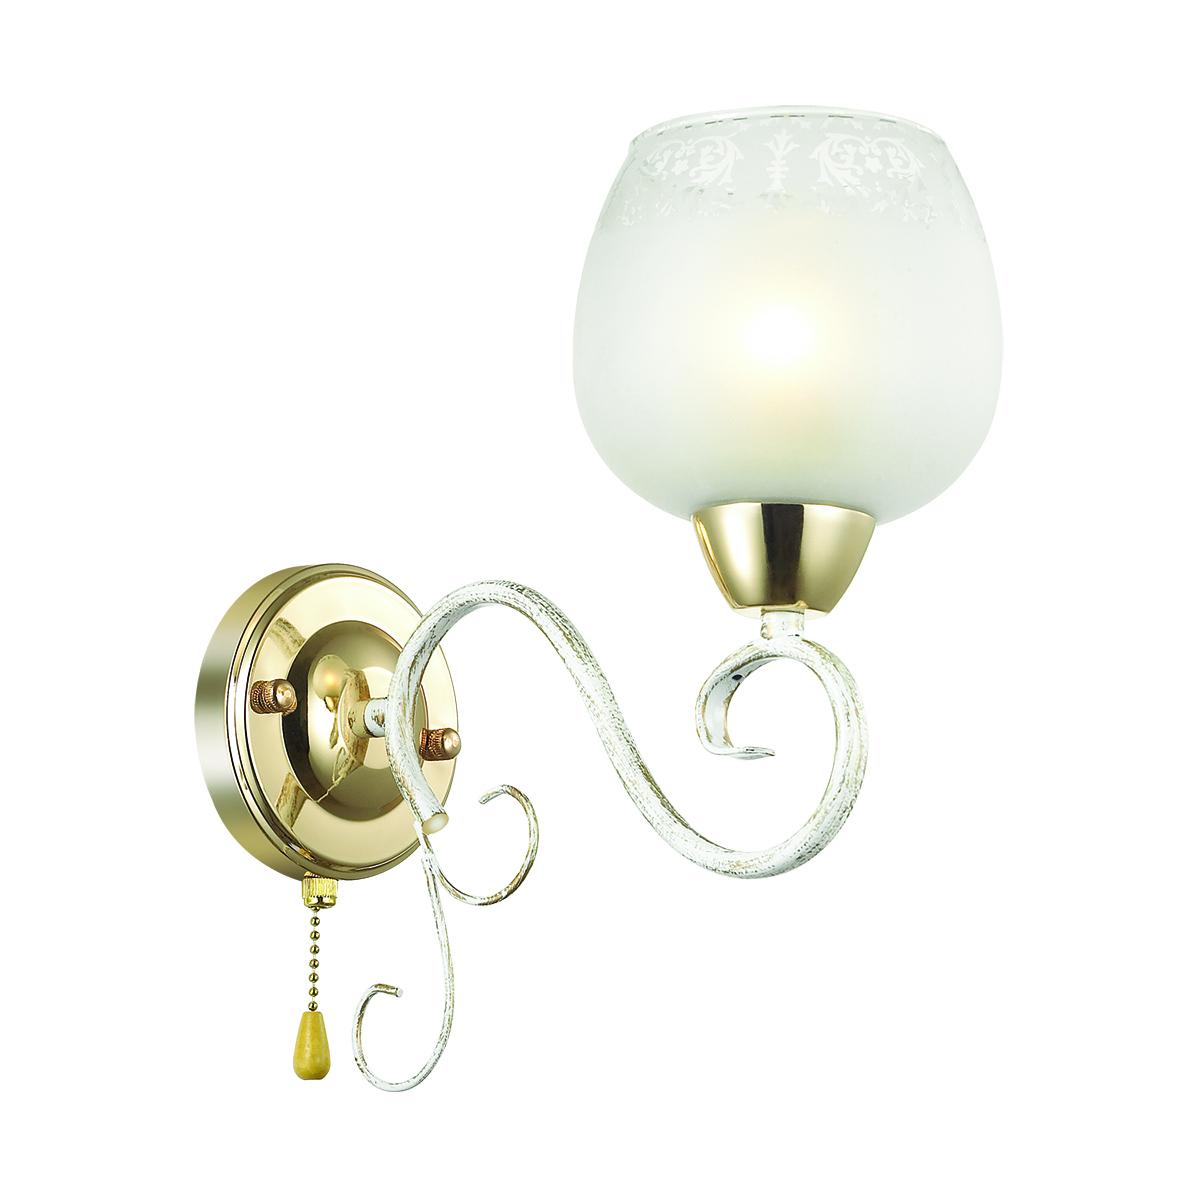 Бра Lumion Biancopa 3505/1W, 1xE27x60W, белый с золотой патиной, золото, матовый, металл, стекло - фото 1